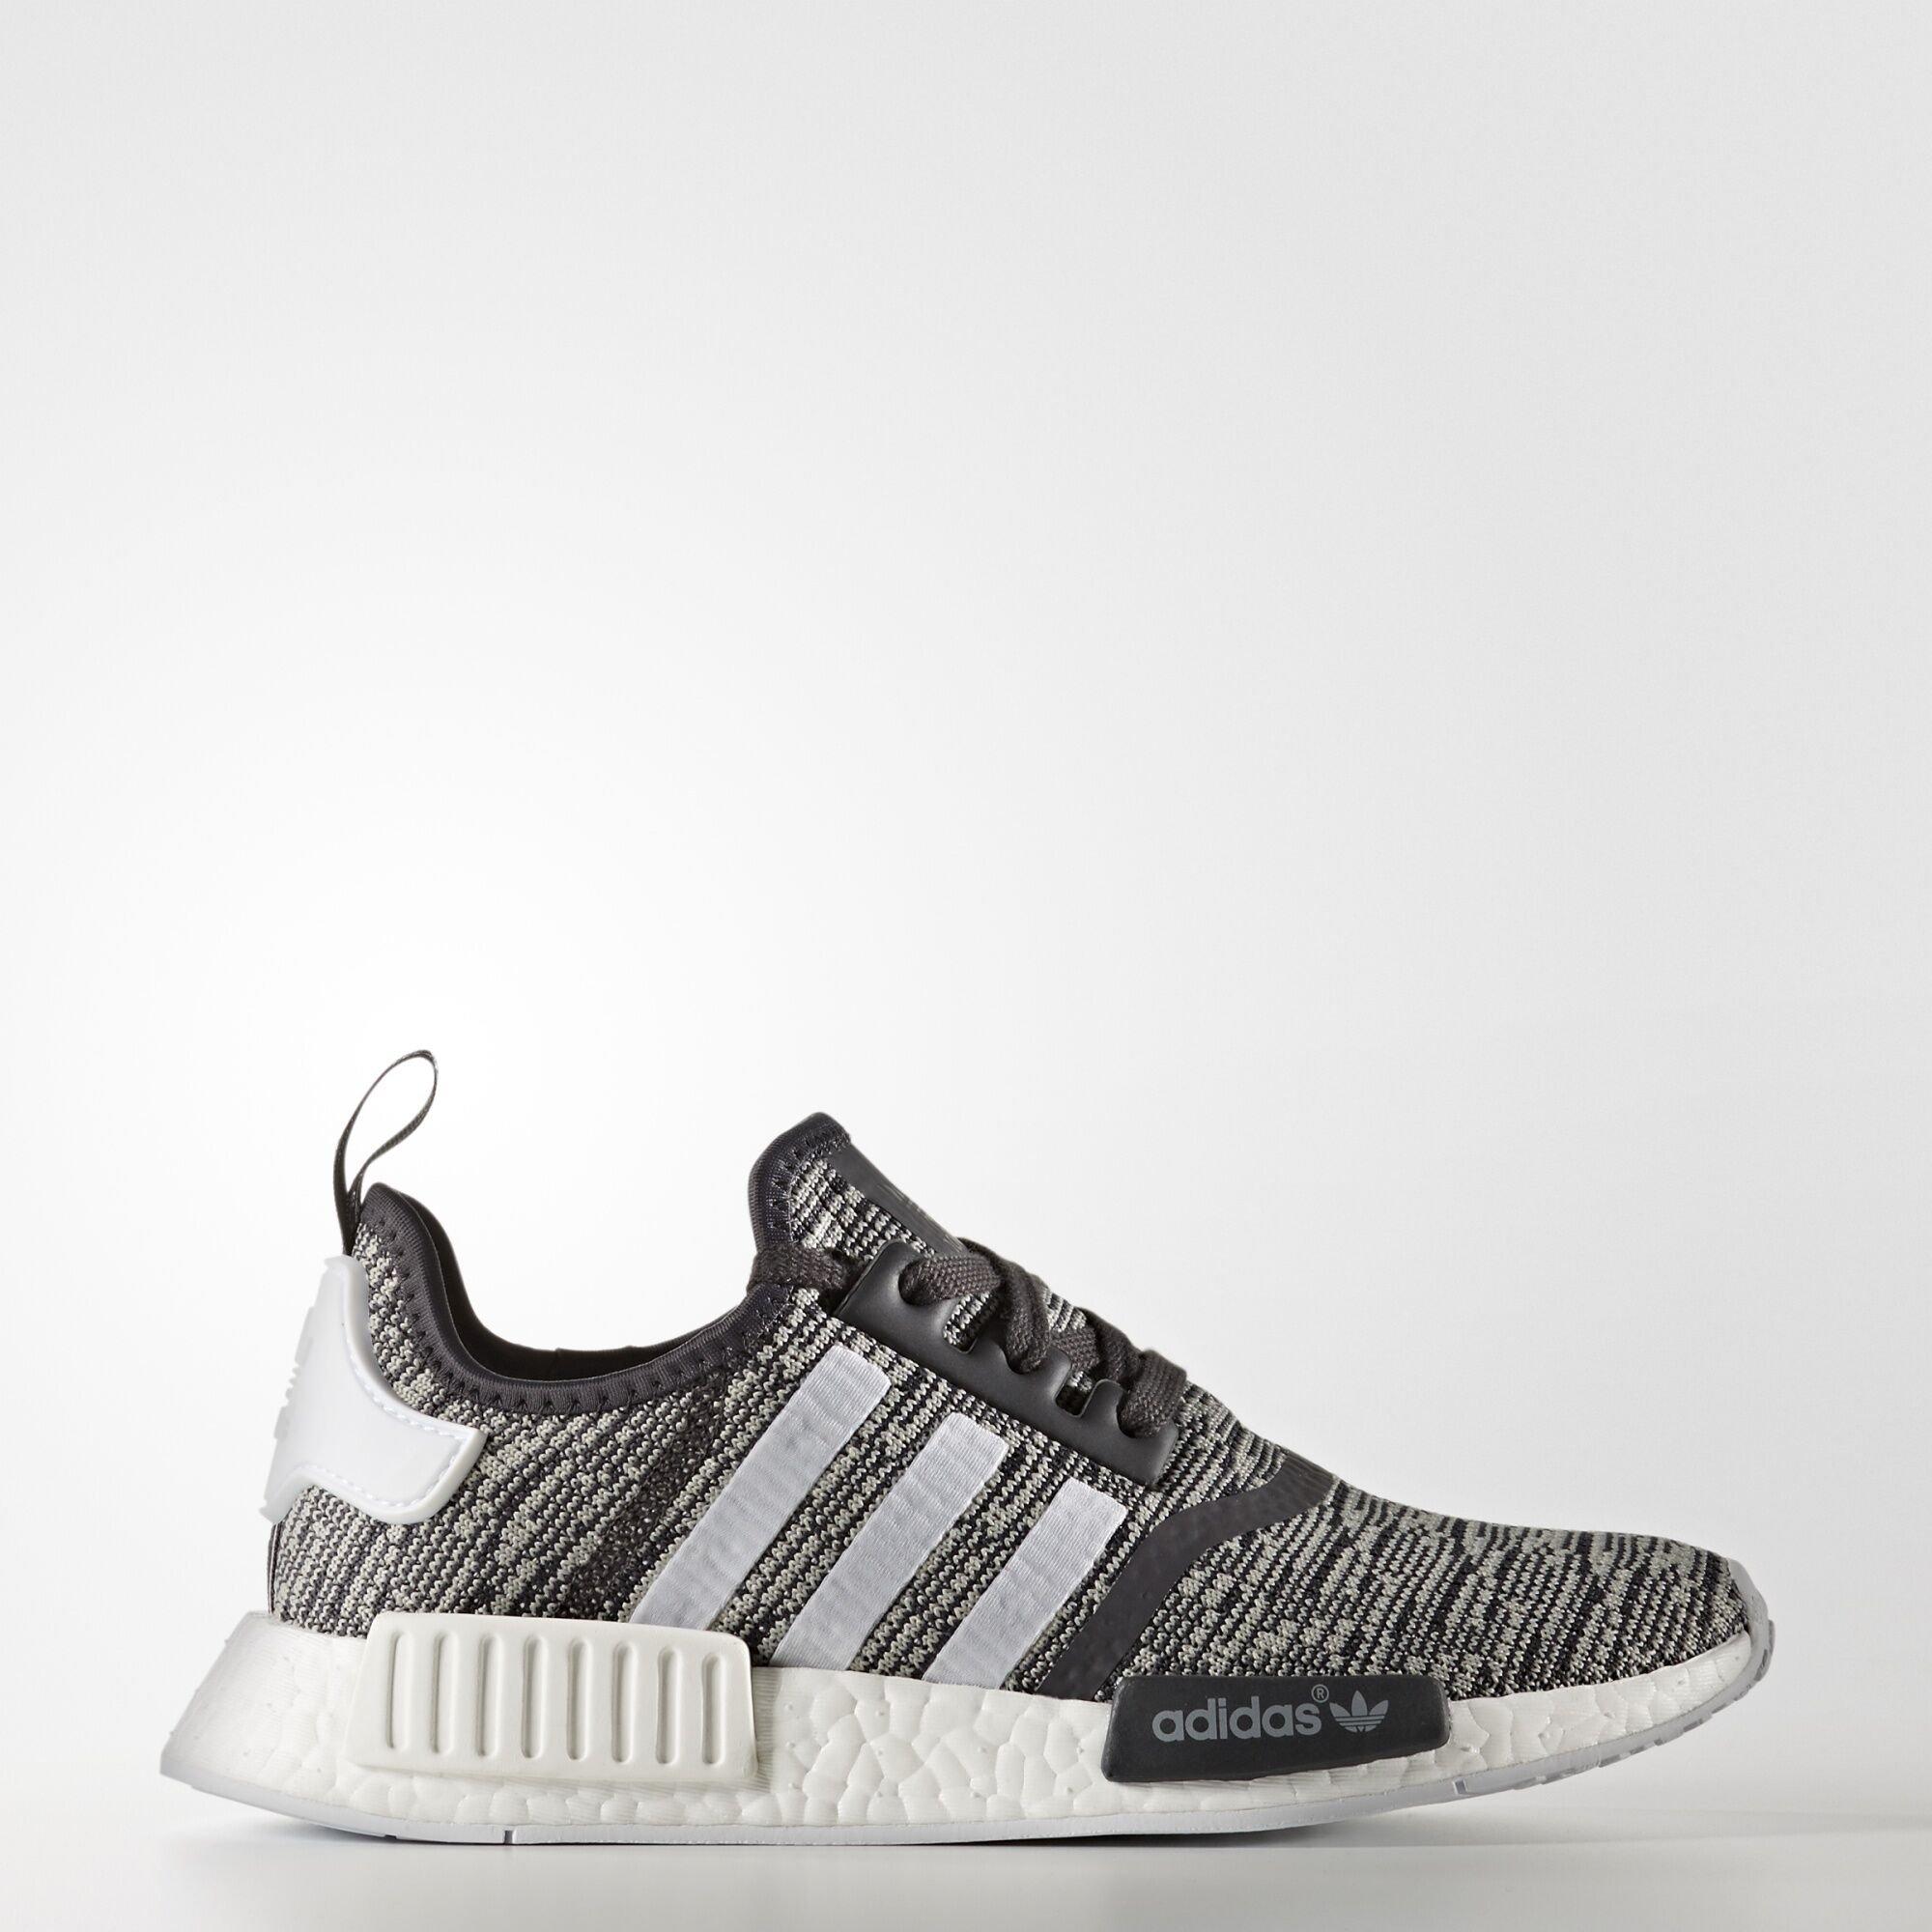 adidas  NMD R1 Glitch Medium Grey (W) (BY3035)